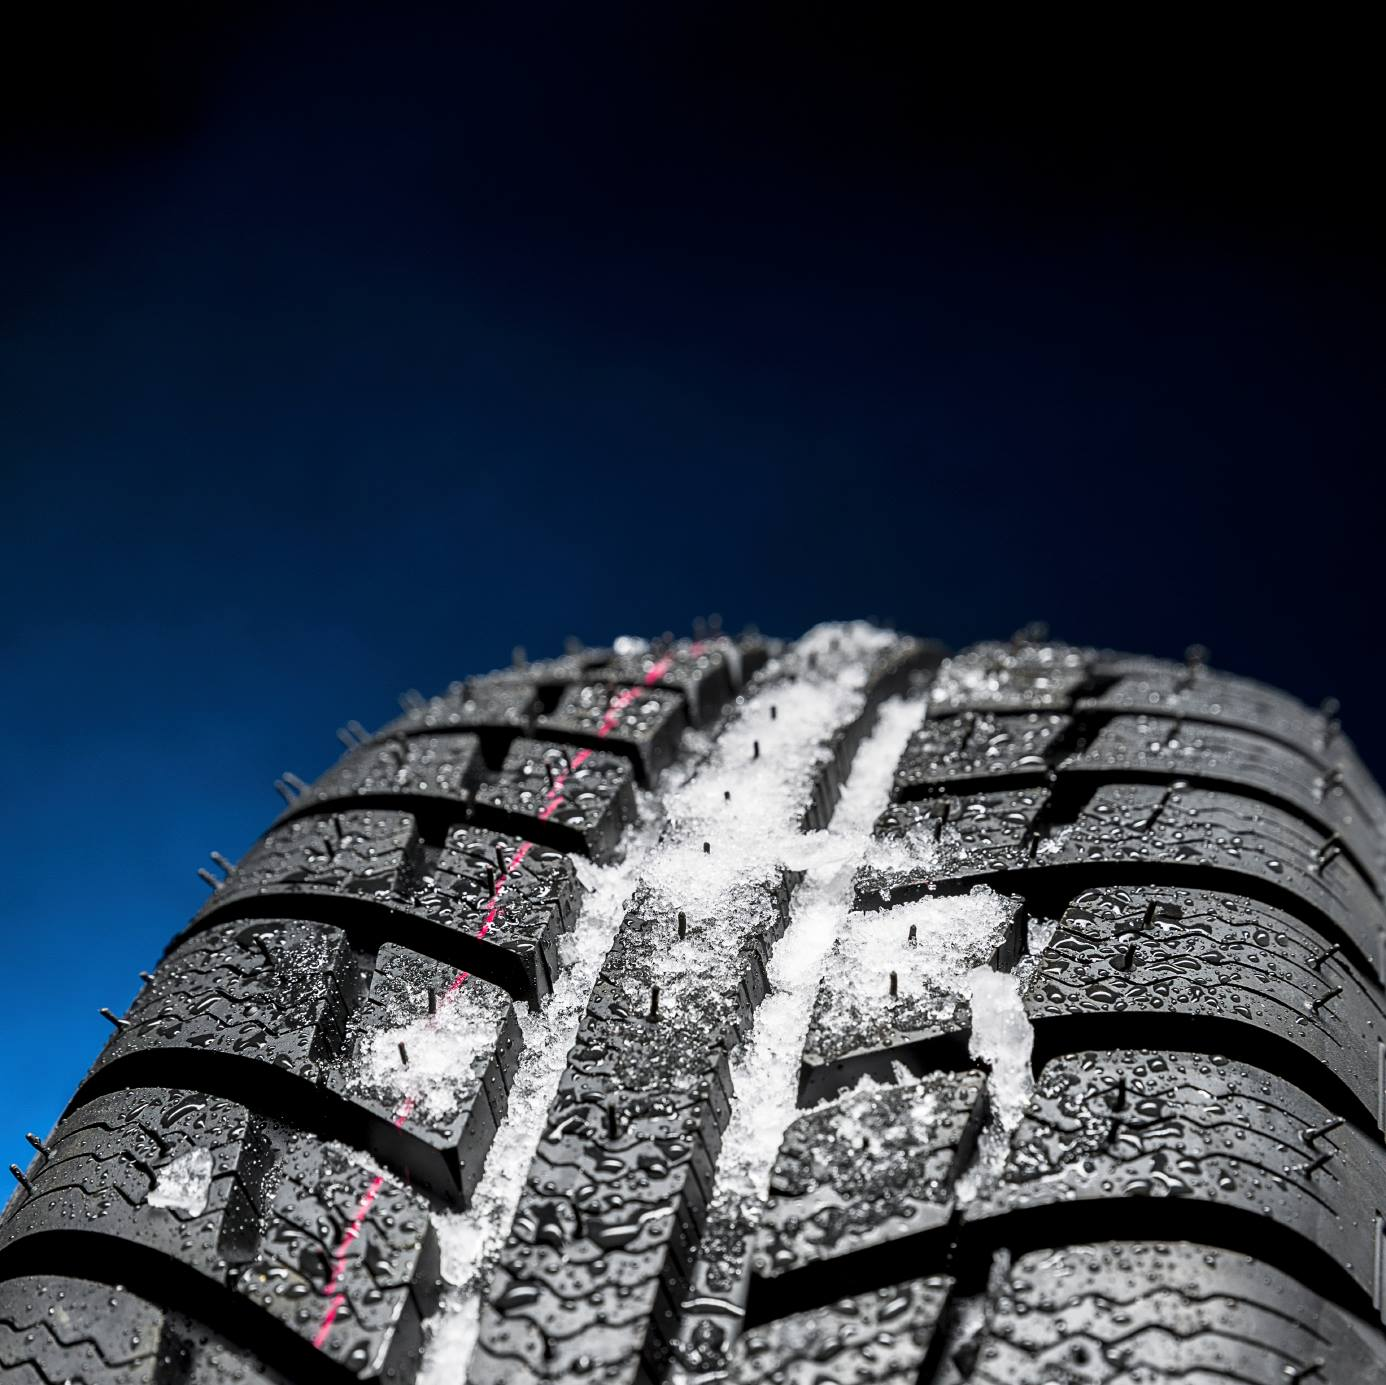 Découvrez les meilleurs pneus d'hiver selon l'APA